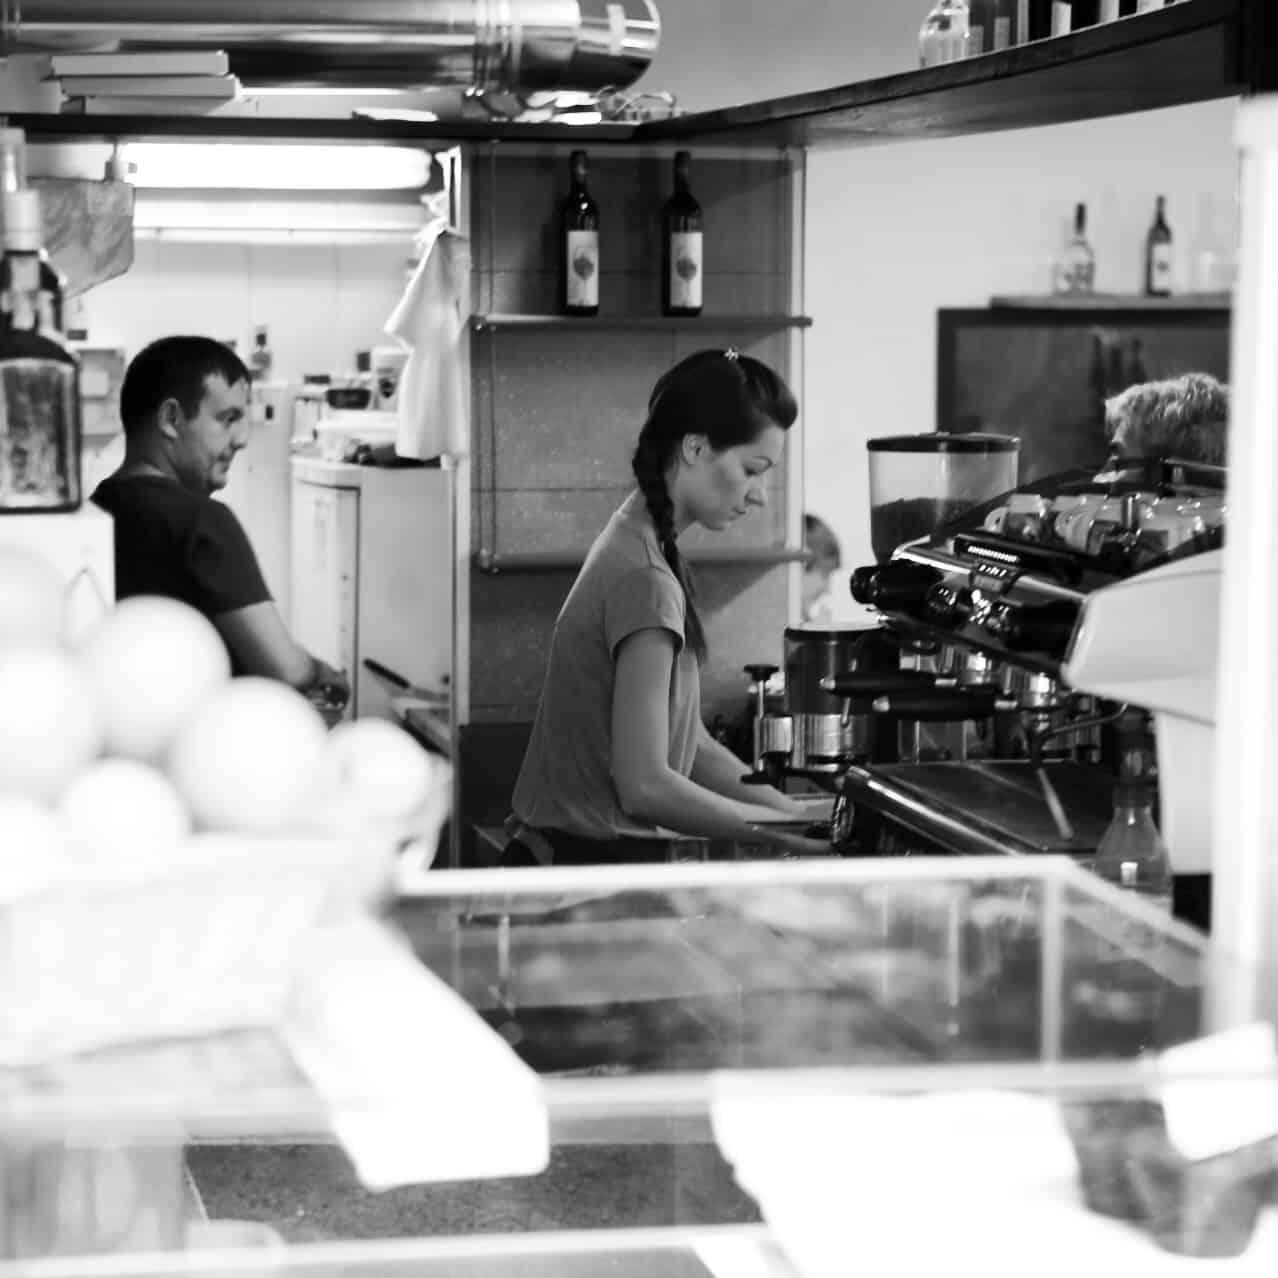 Portraits of Italy: barista in Riomaggiore